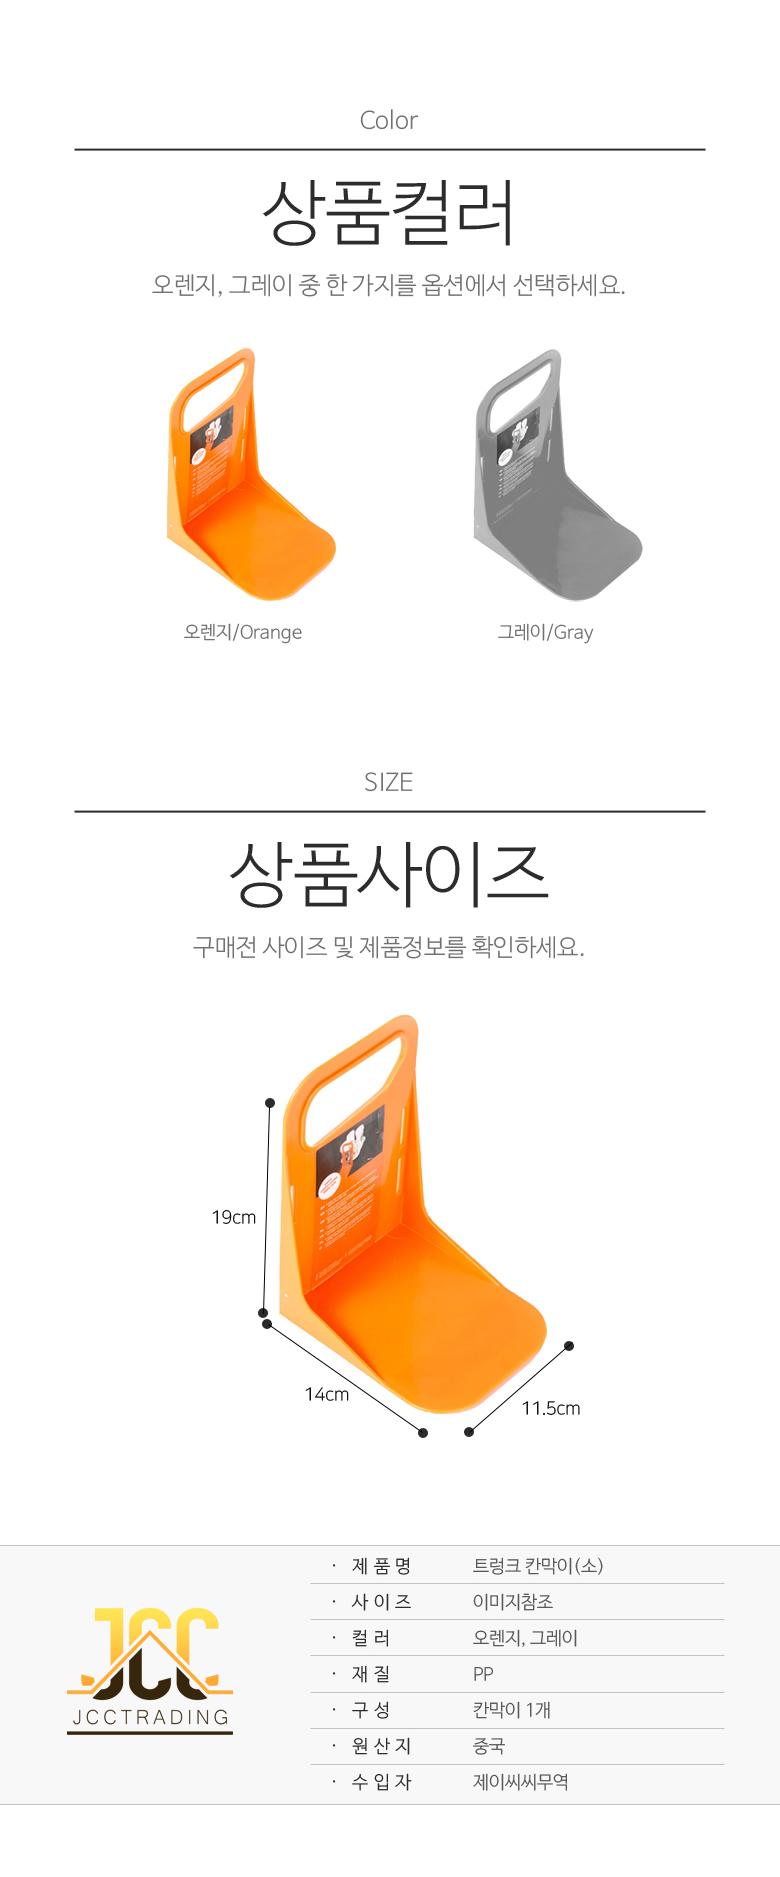 트렁크 정리 수납 함 칸막이 스몰 - 제이씨씨무역, 7,110원, 차량용포켓/수납용품, 트렁크정리